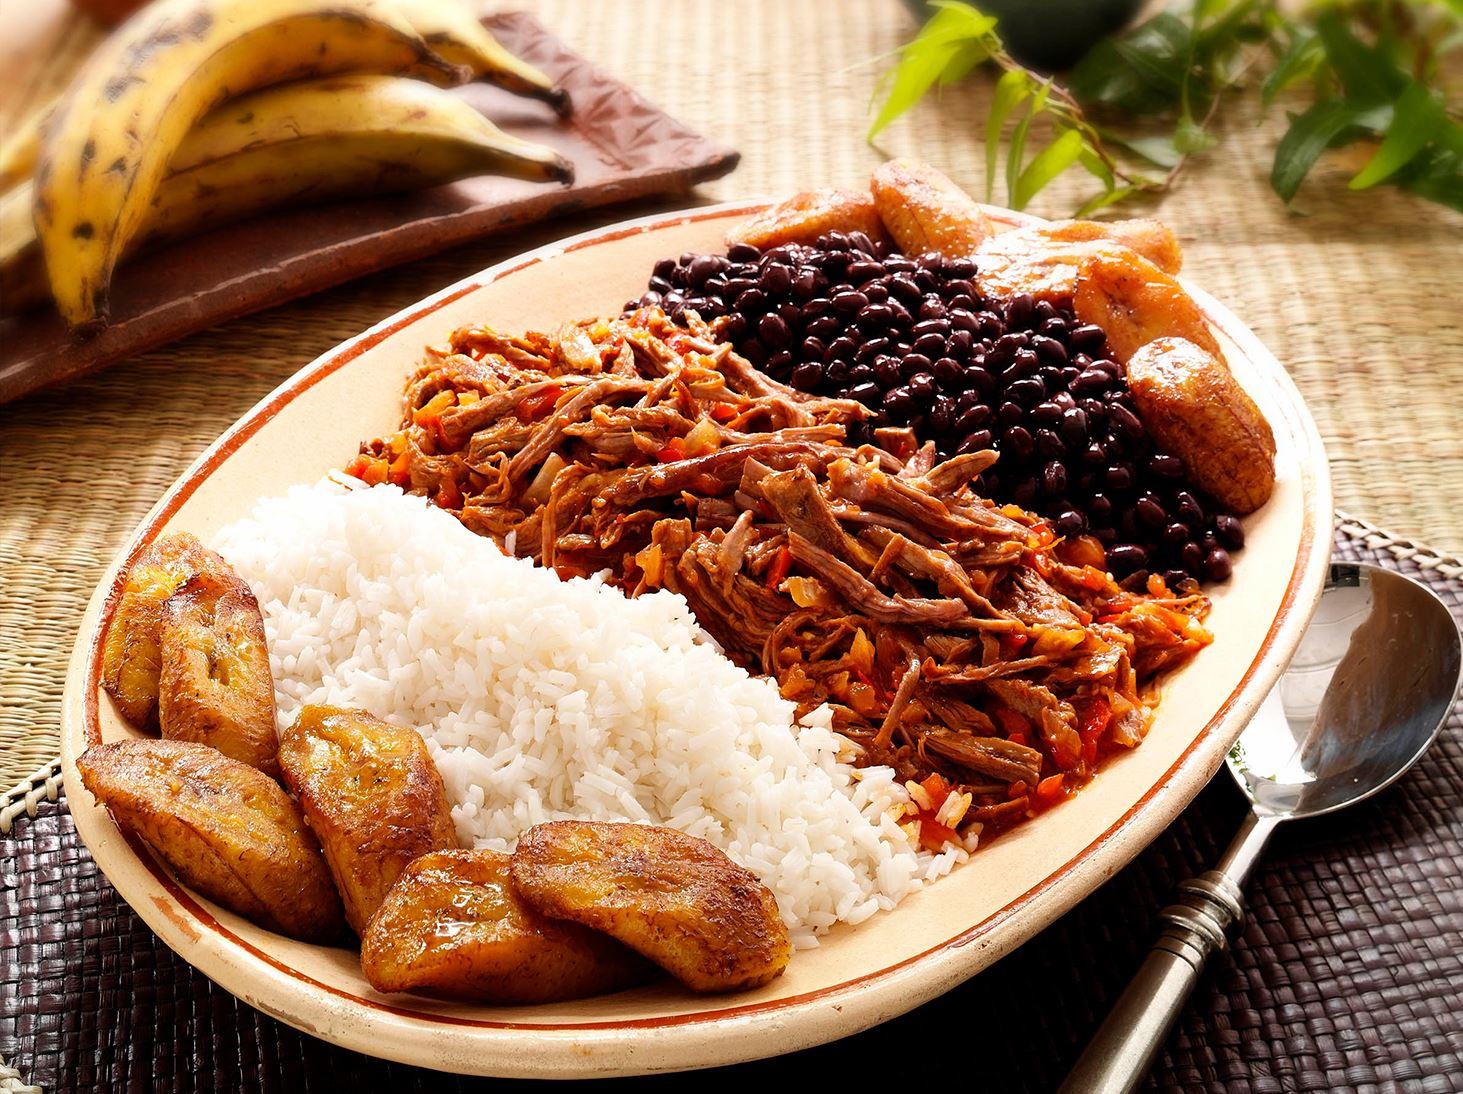 Descubriendo la cocina venezolana  Gastroactitud Pasin